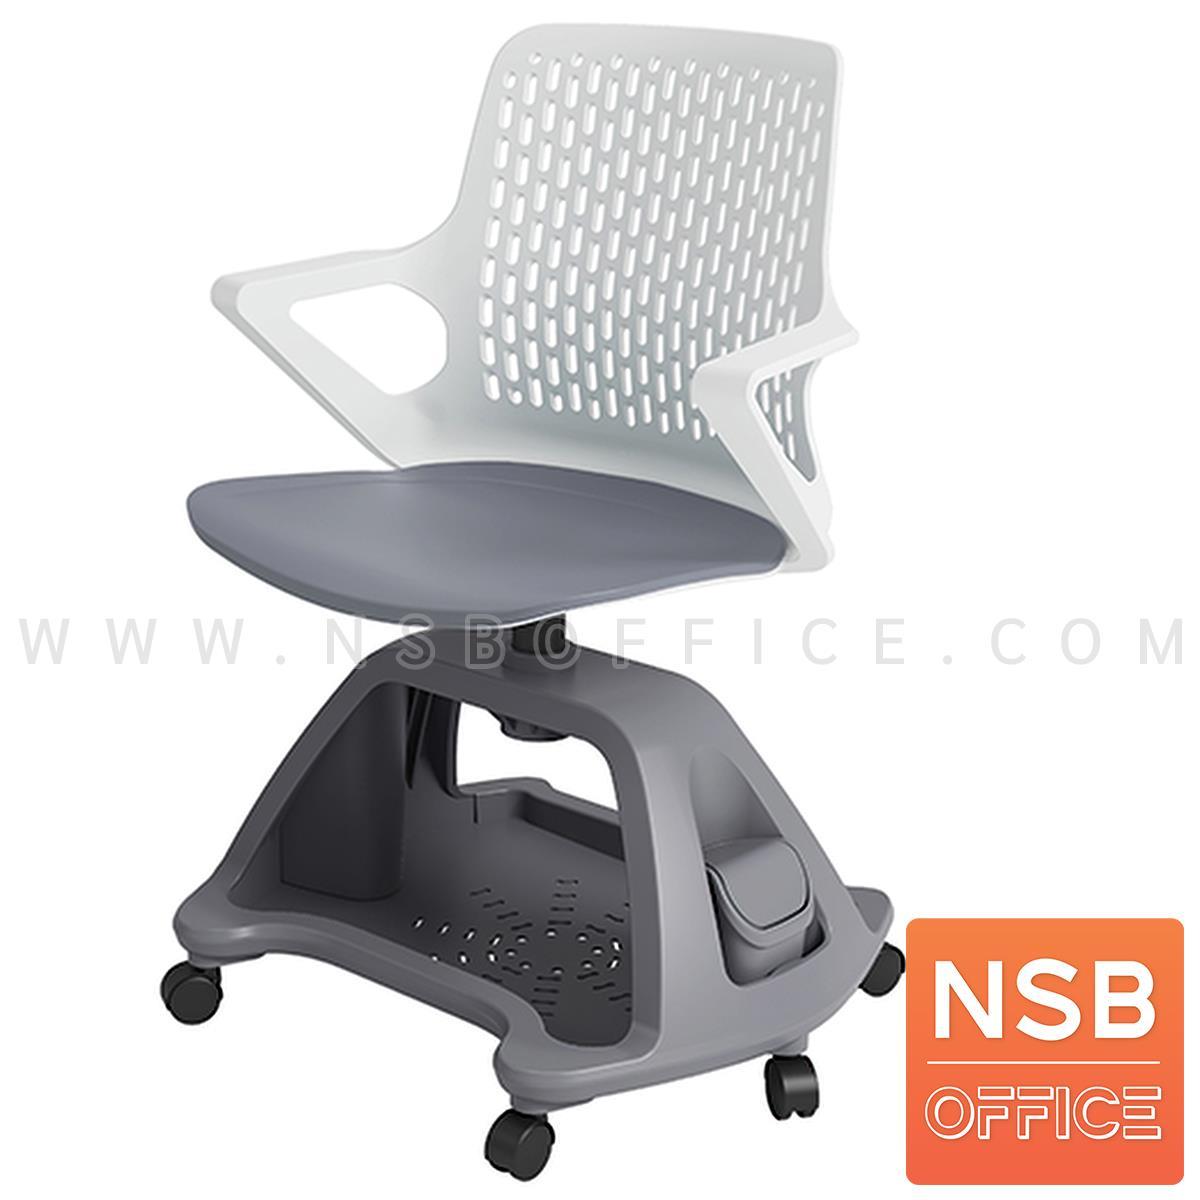 B07A101:เก้าอี้โพลี่ล้อเลื่อน  รุ่น Aloe ll  วางกระเป๋าได้